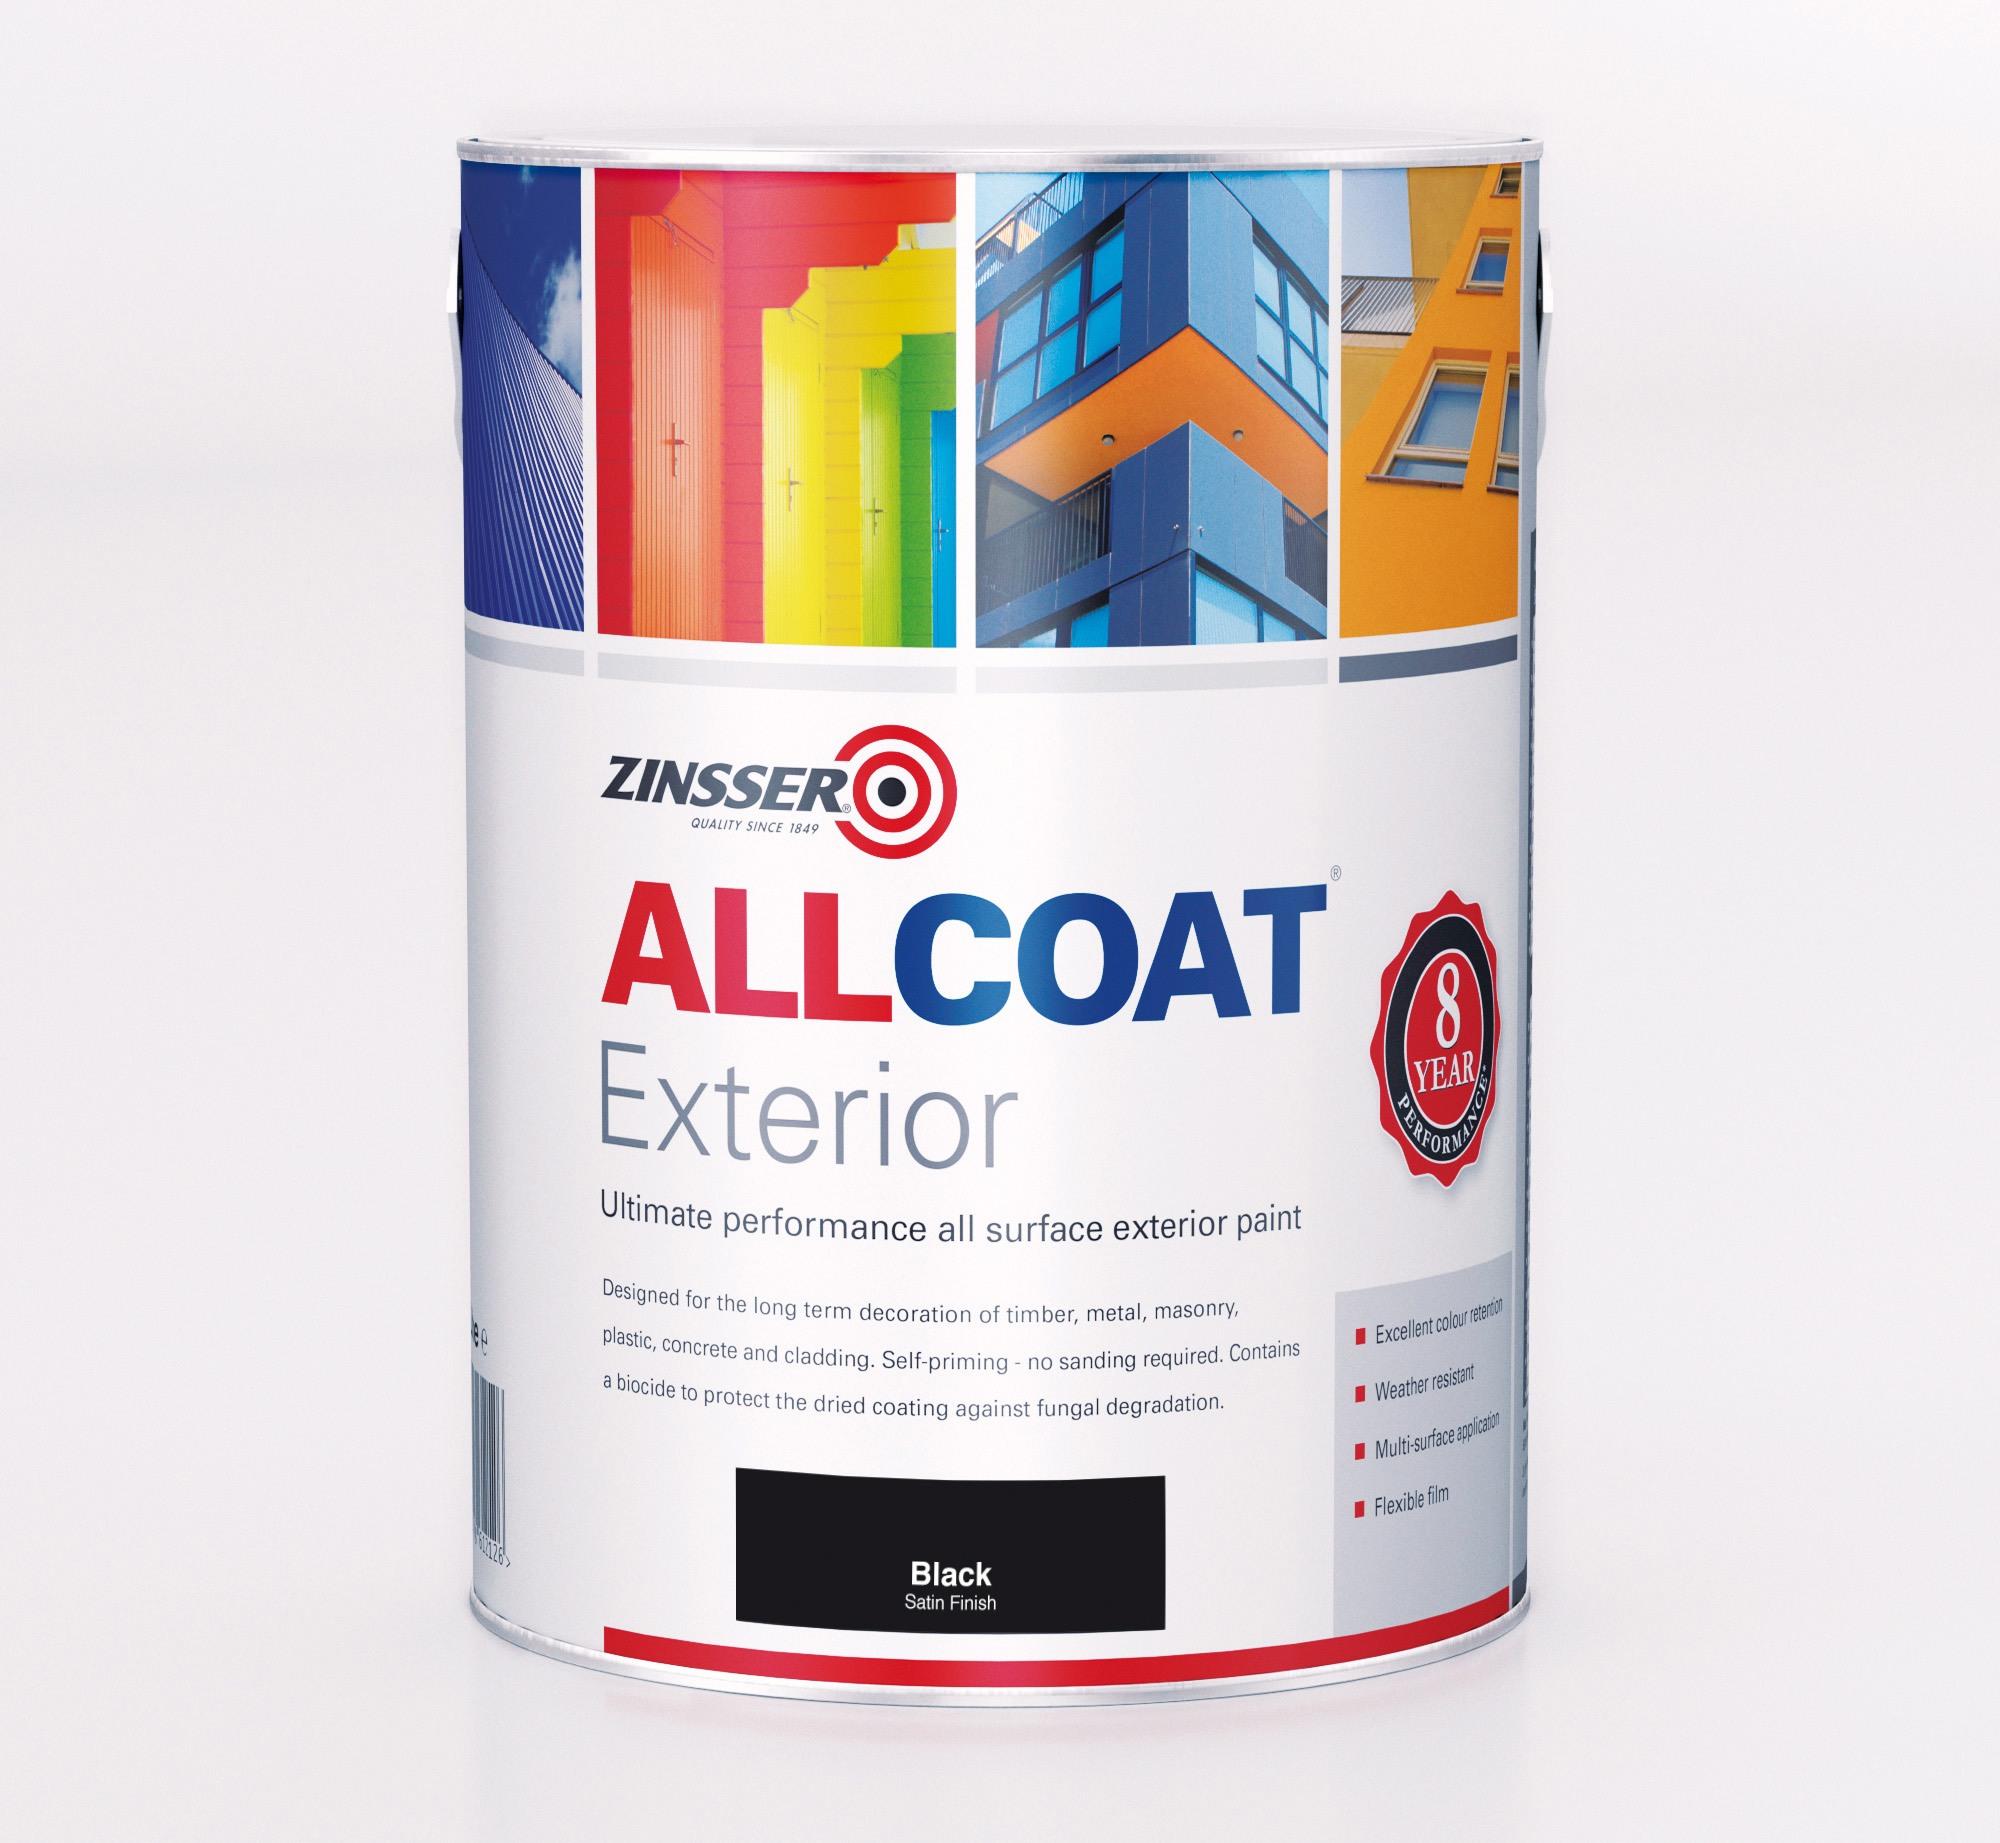 Zinsser Paint Colours